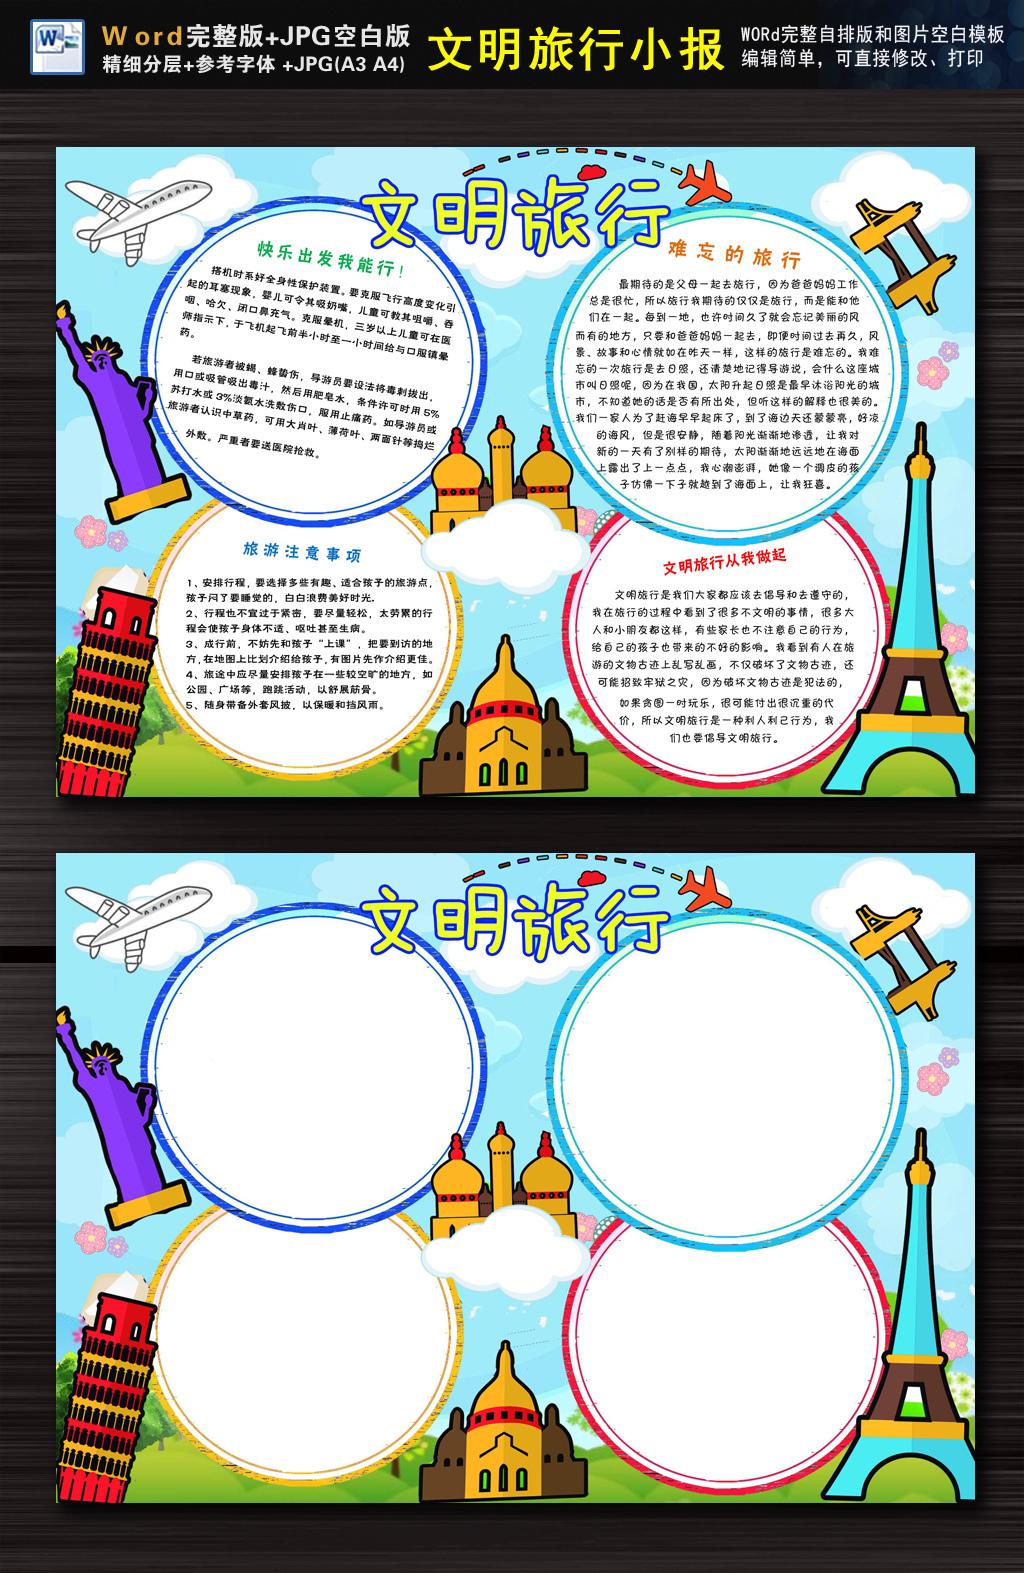 原创设计文明旅行小报手抄报内容完整word模板图片